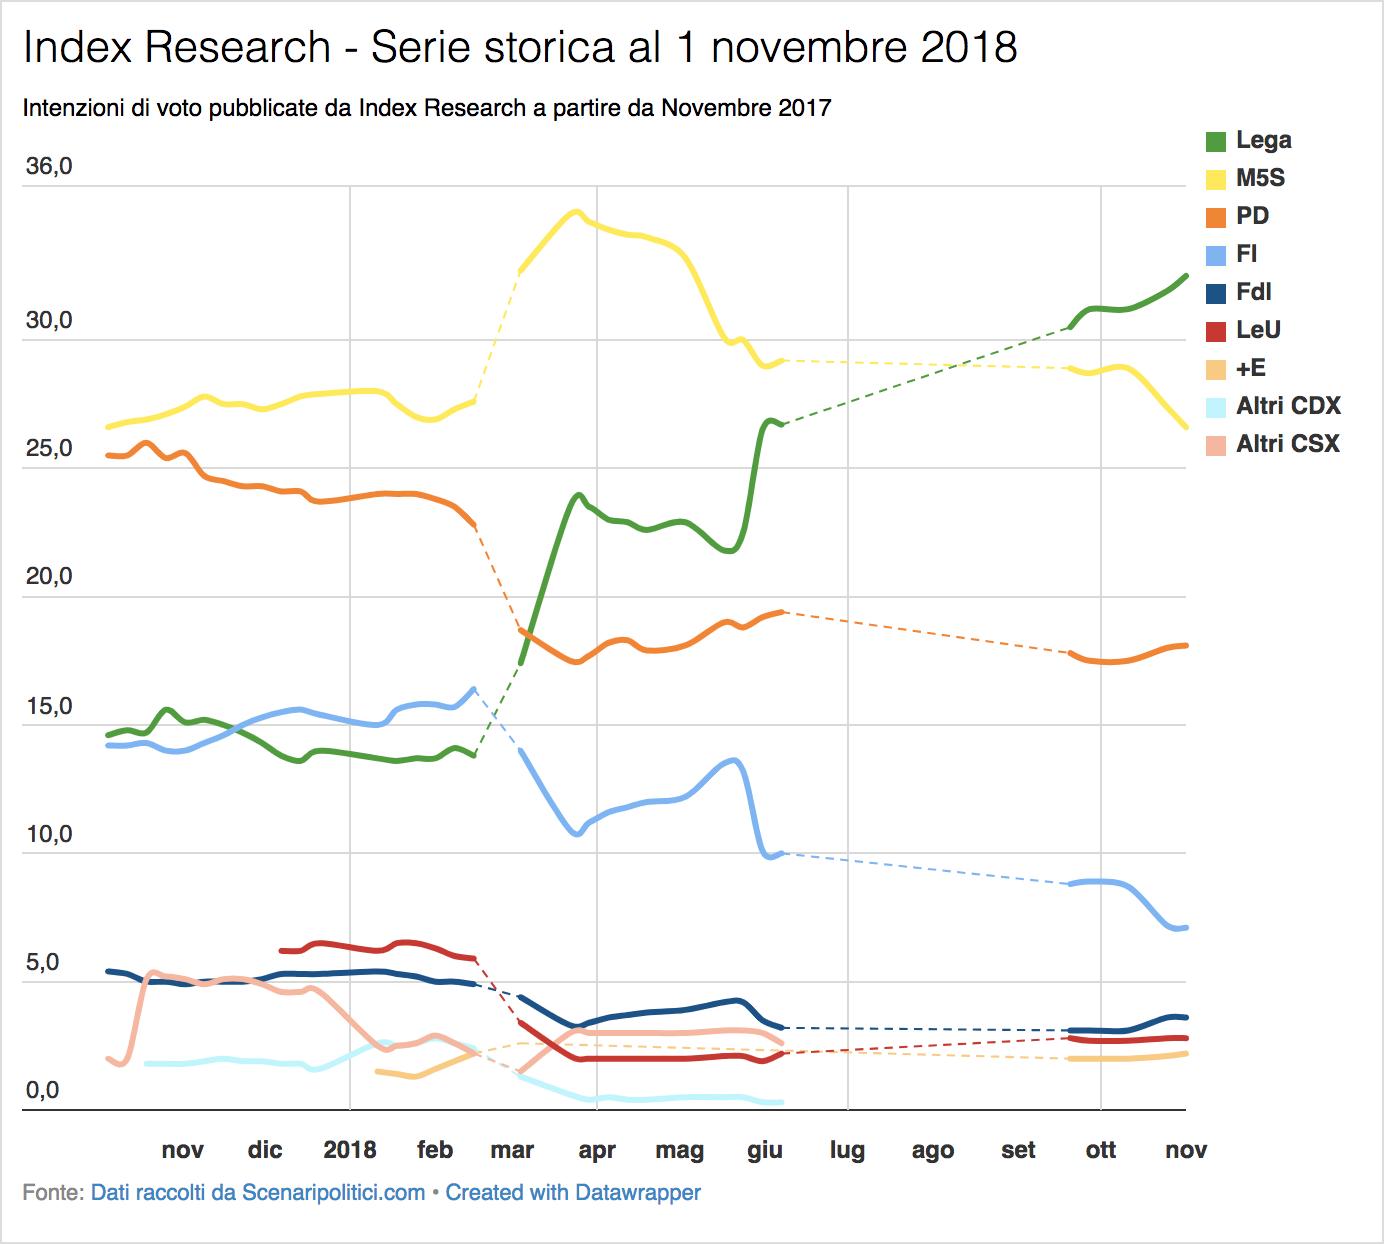 Sondaggio Index Research (1 novembre 2018)